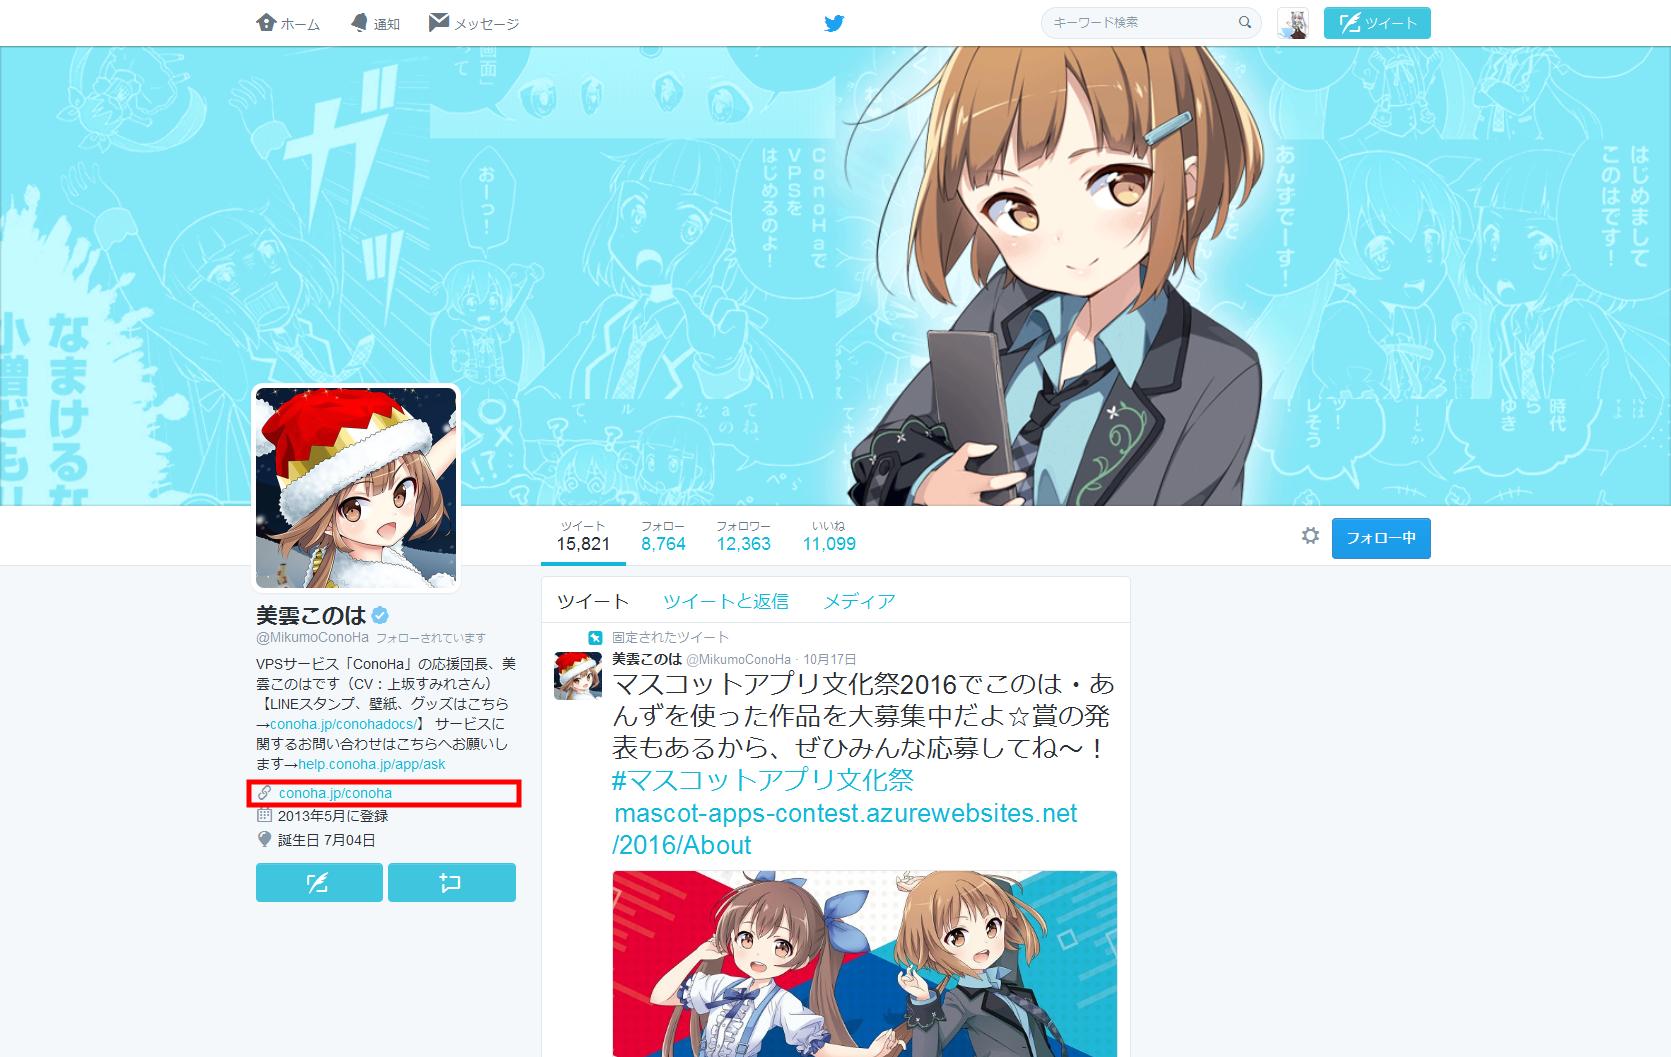 screenshot-twitter.com-2016-12-21-18-10-09.png